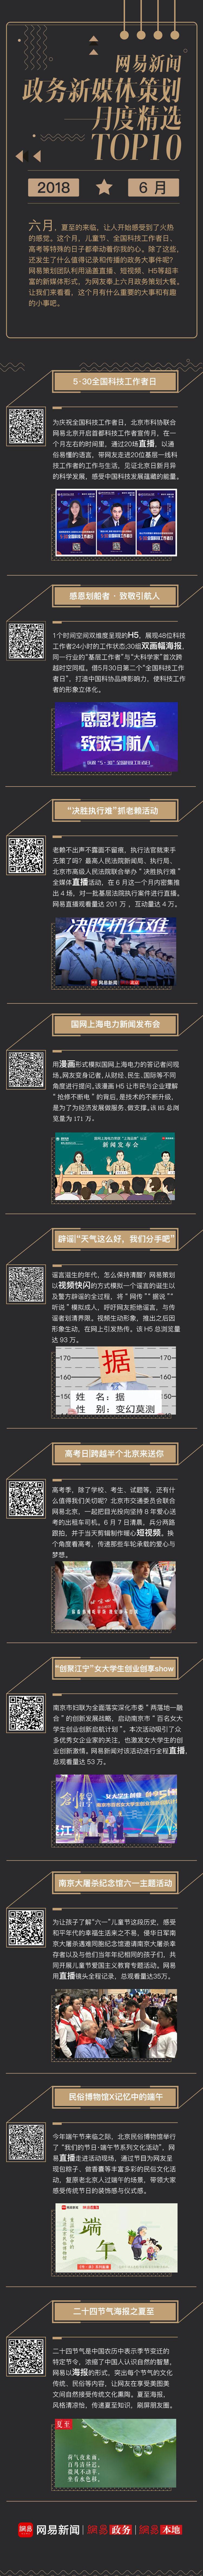 网易新闻政务策划6月精选TOP10